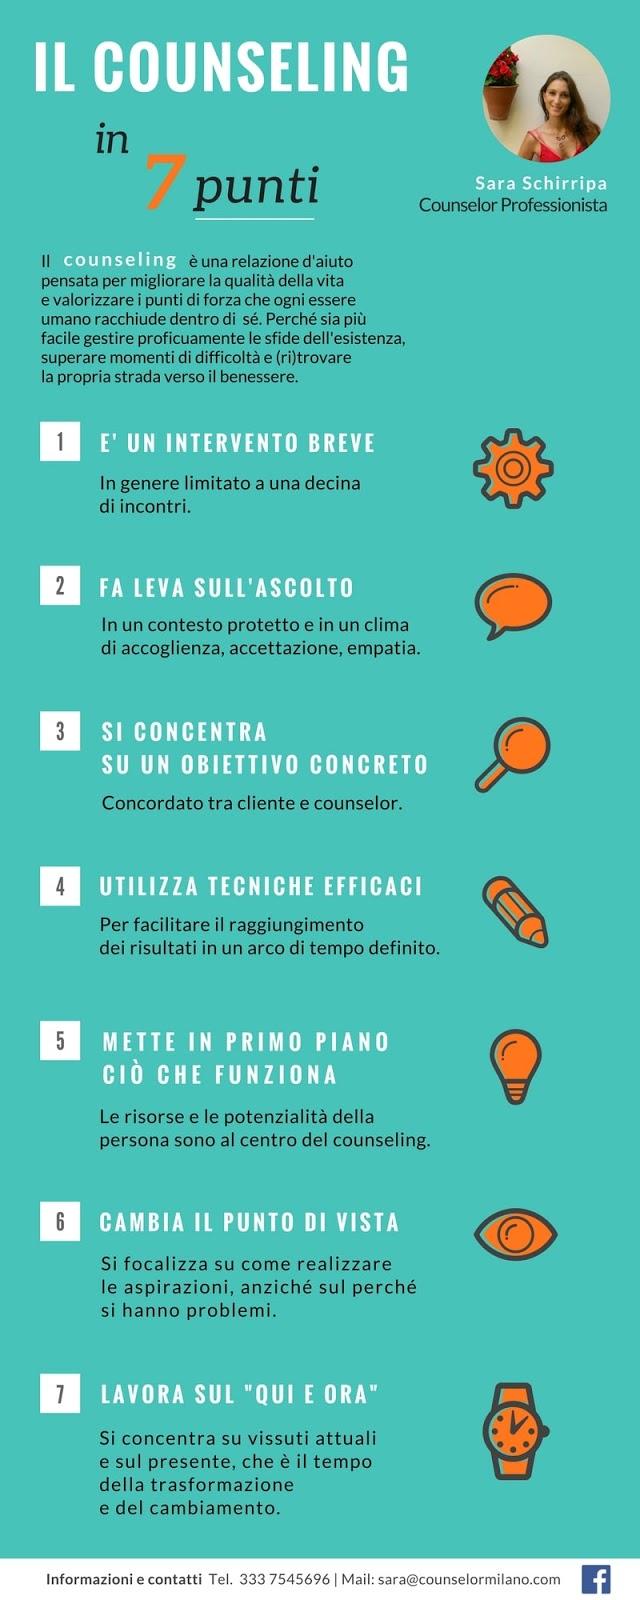 Infografica sui pilastri del counseling